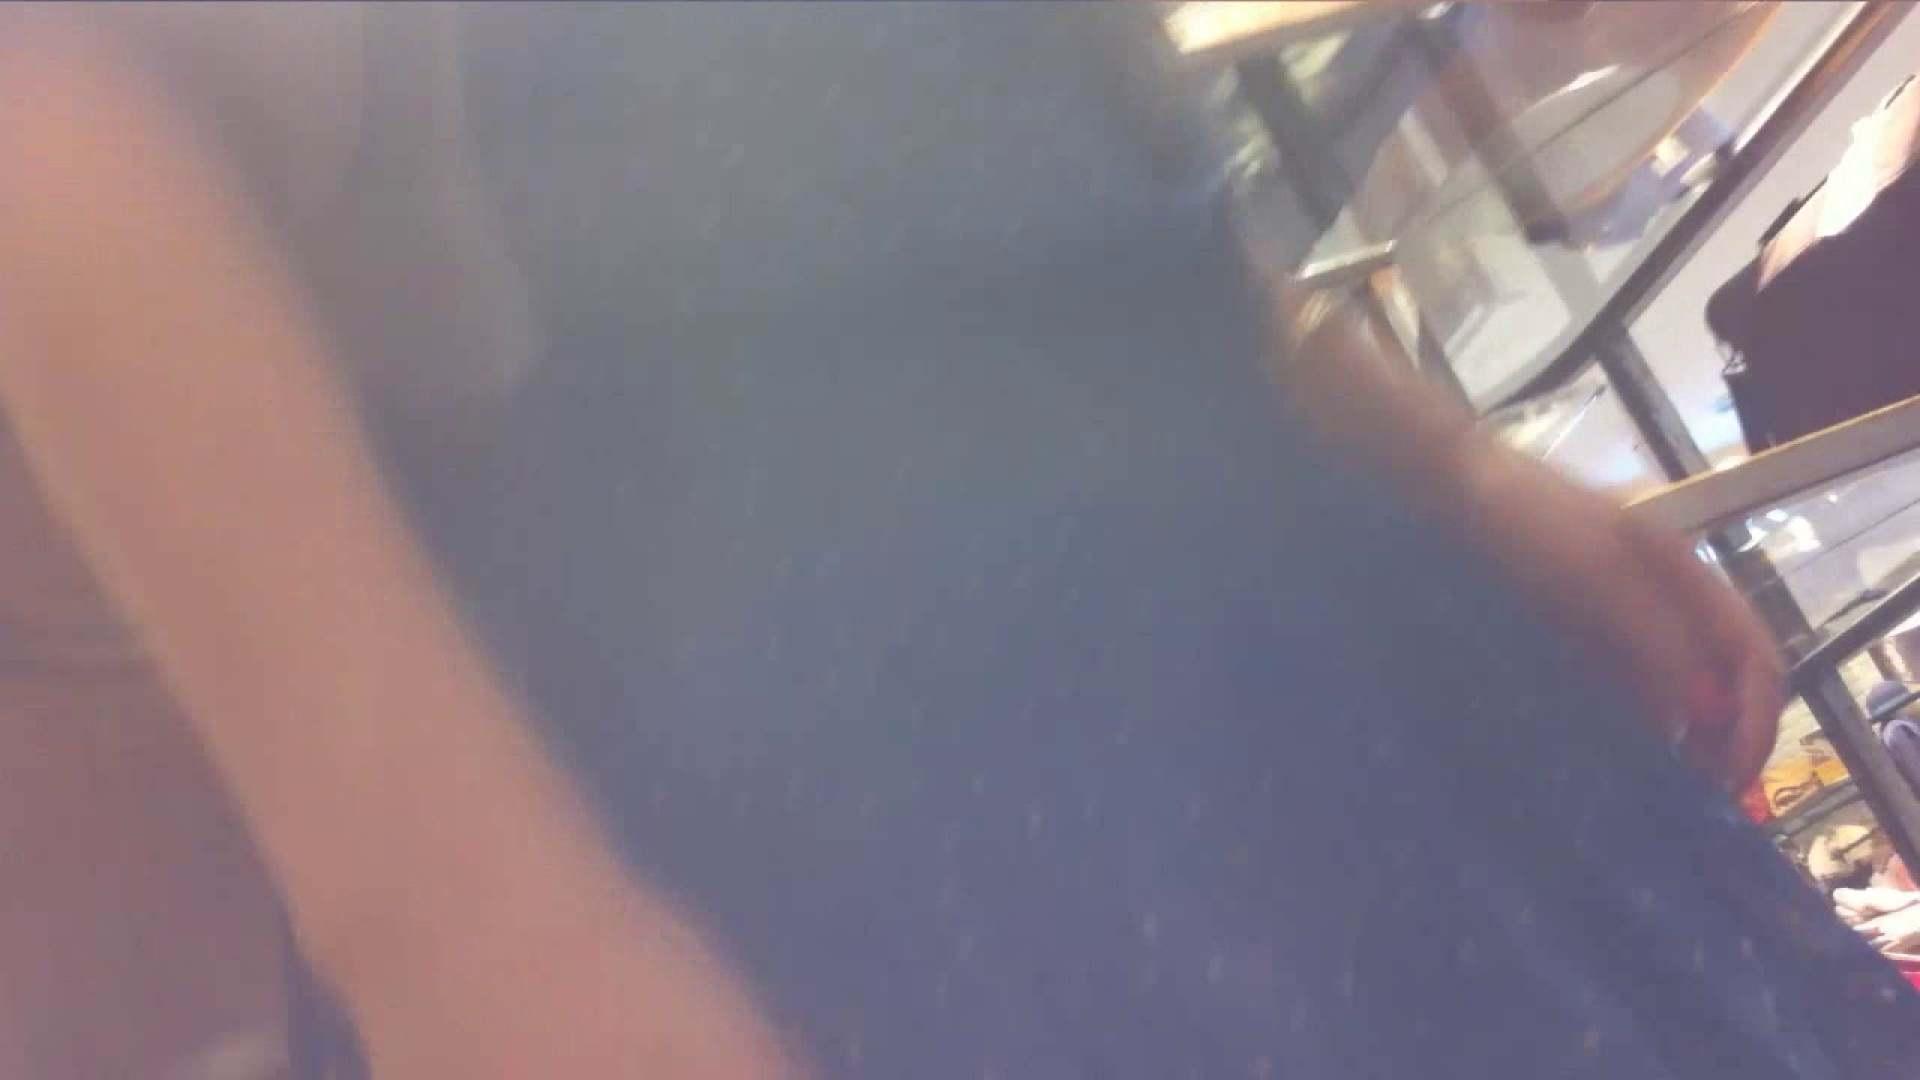 vol.34 美人アパレル胸チラ&パンチラ メガネ属性っていいよね♥ パンチラ 女性器鑑賞 48連発 21